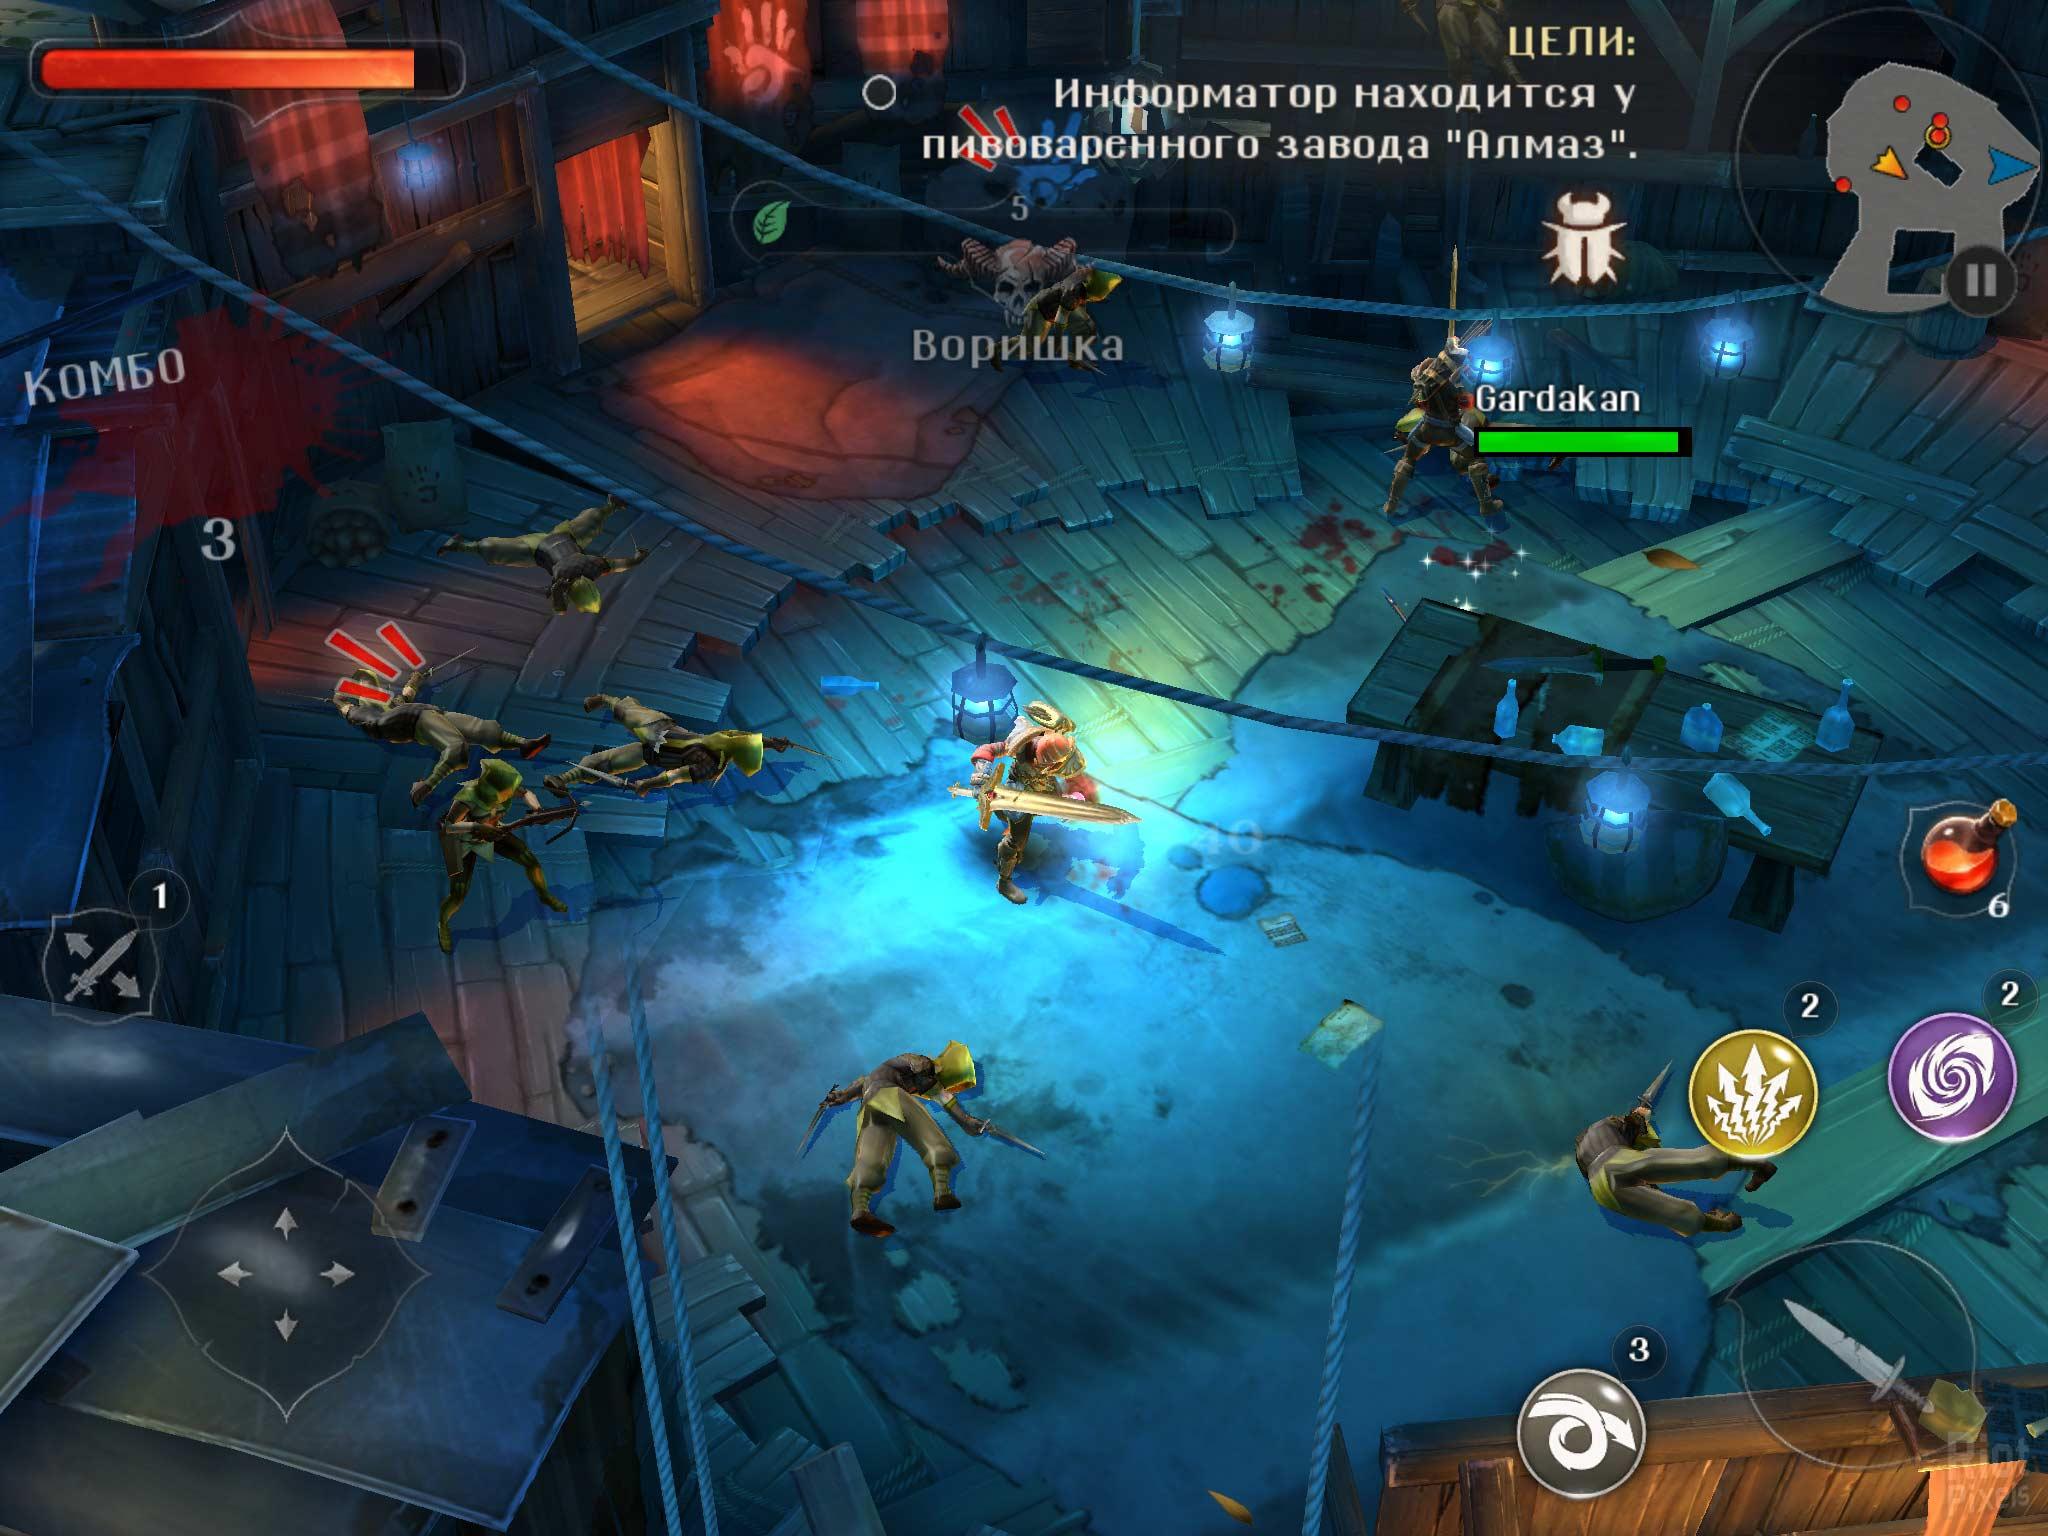 Скачать Dungeon Hunter 5 на Андроид бесплатно